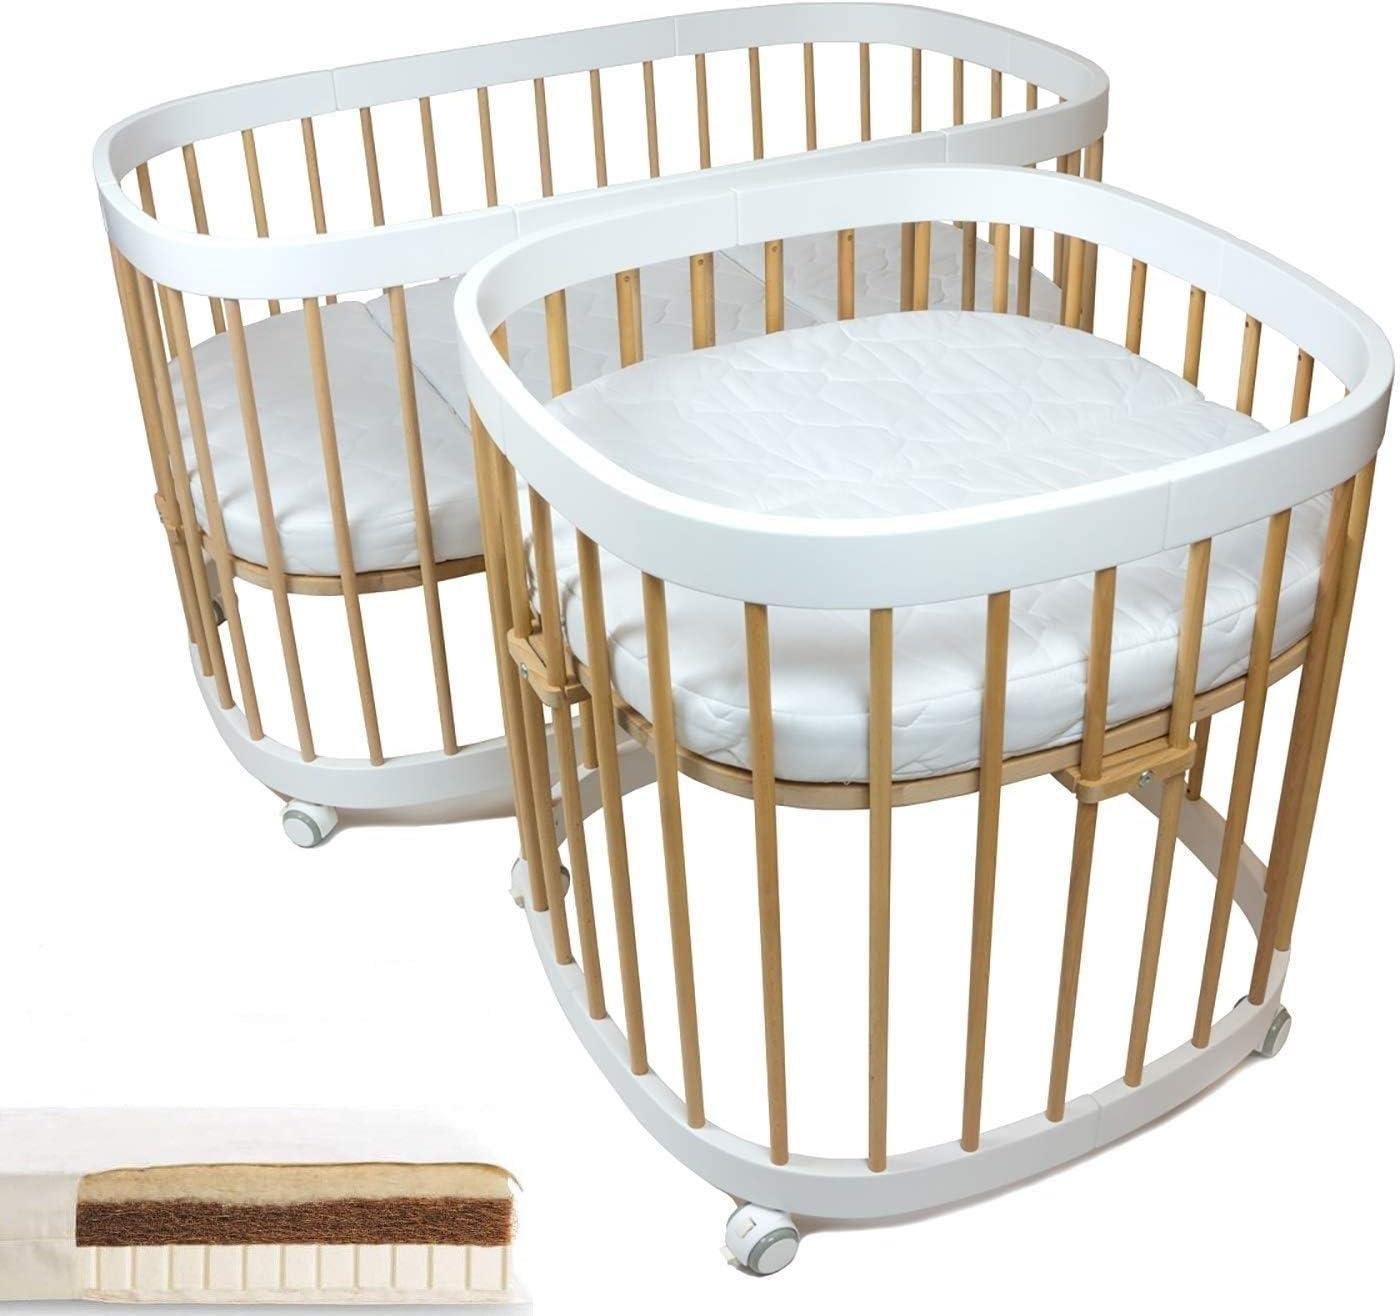 tweeto Cuna de bebé 7 en 1 – Multifuncional, ampliable, incluye 2 colchones de látex Kokos Mini + Maxi (haya y blanco)